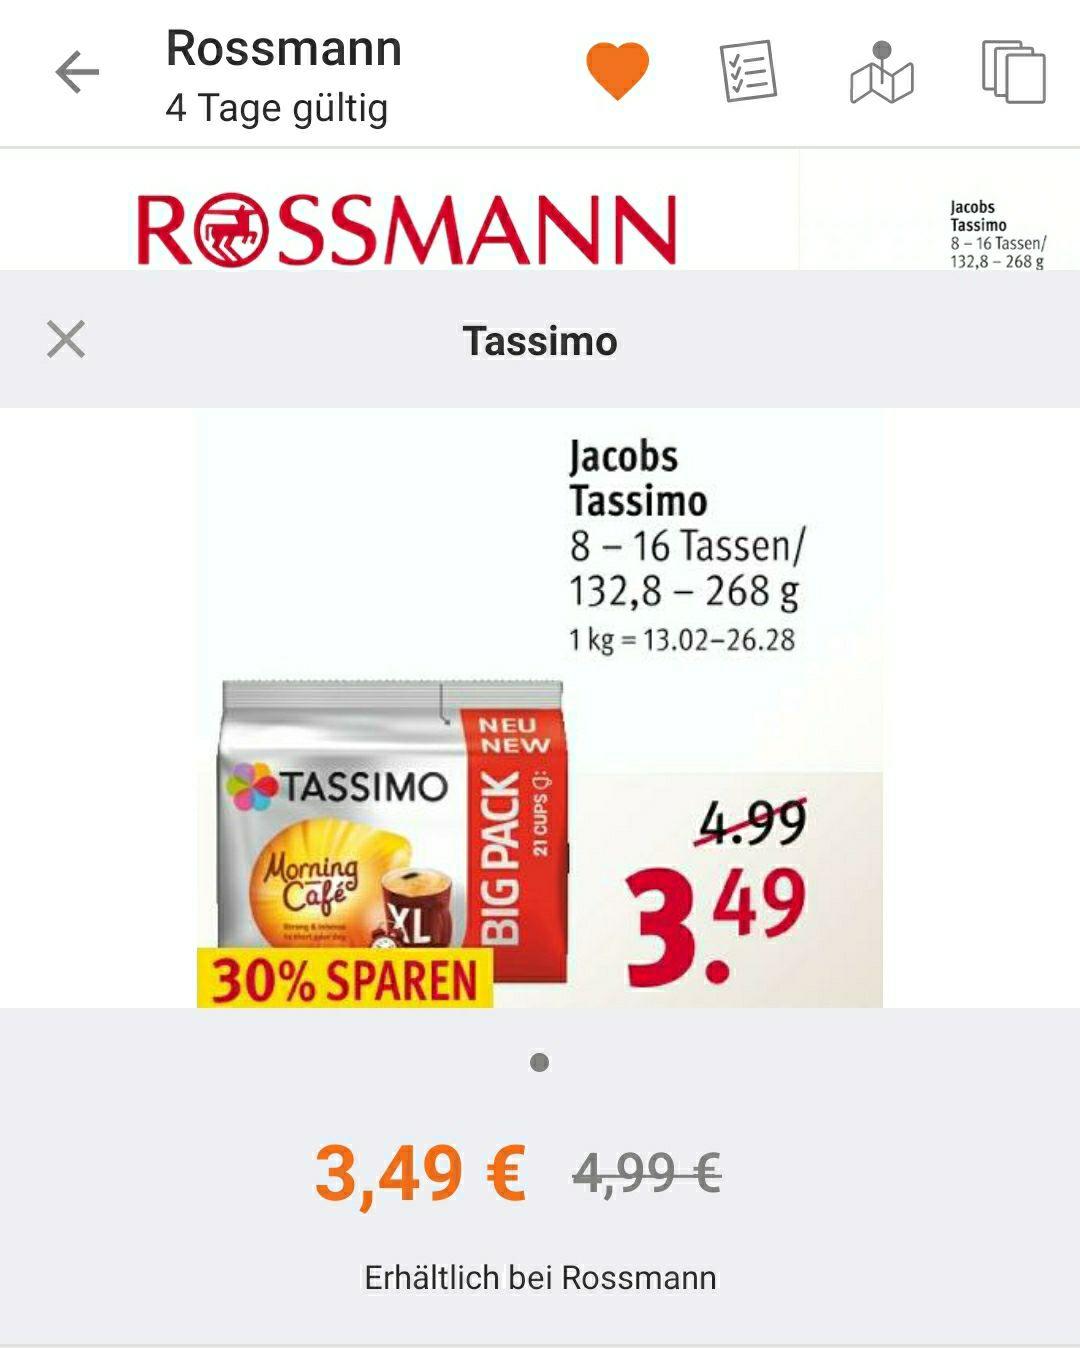 Tassimo morning XL Kapseln für 3,49€ offline abzgl. 10% Apprabatt